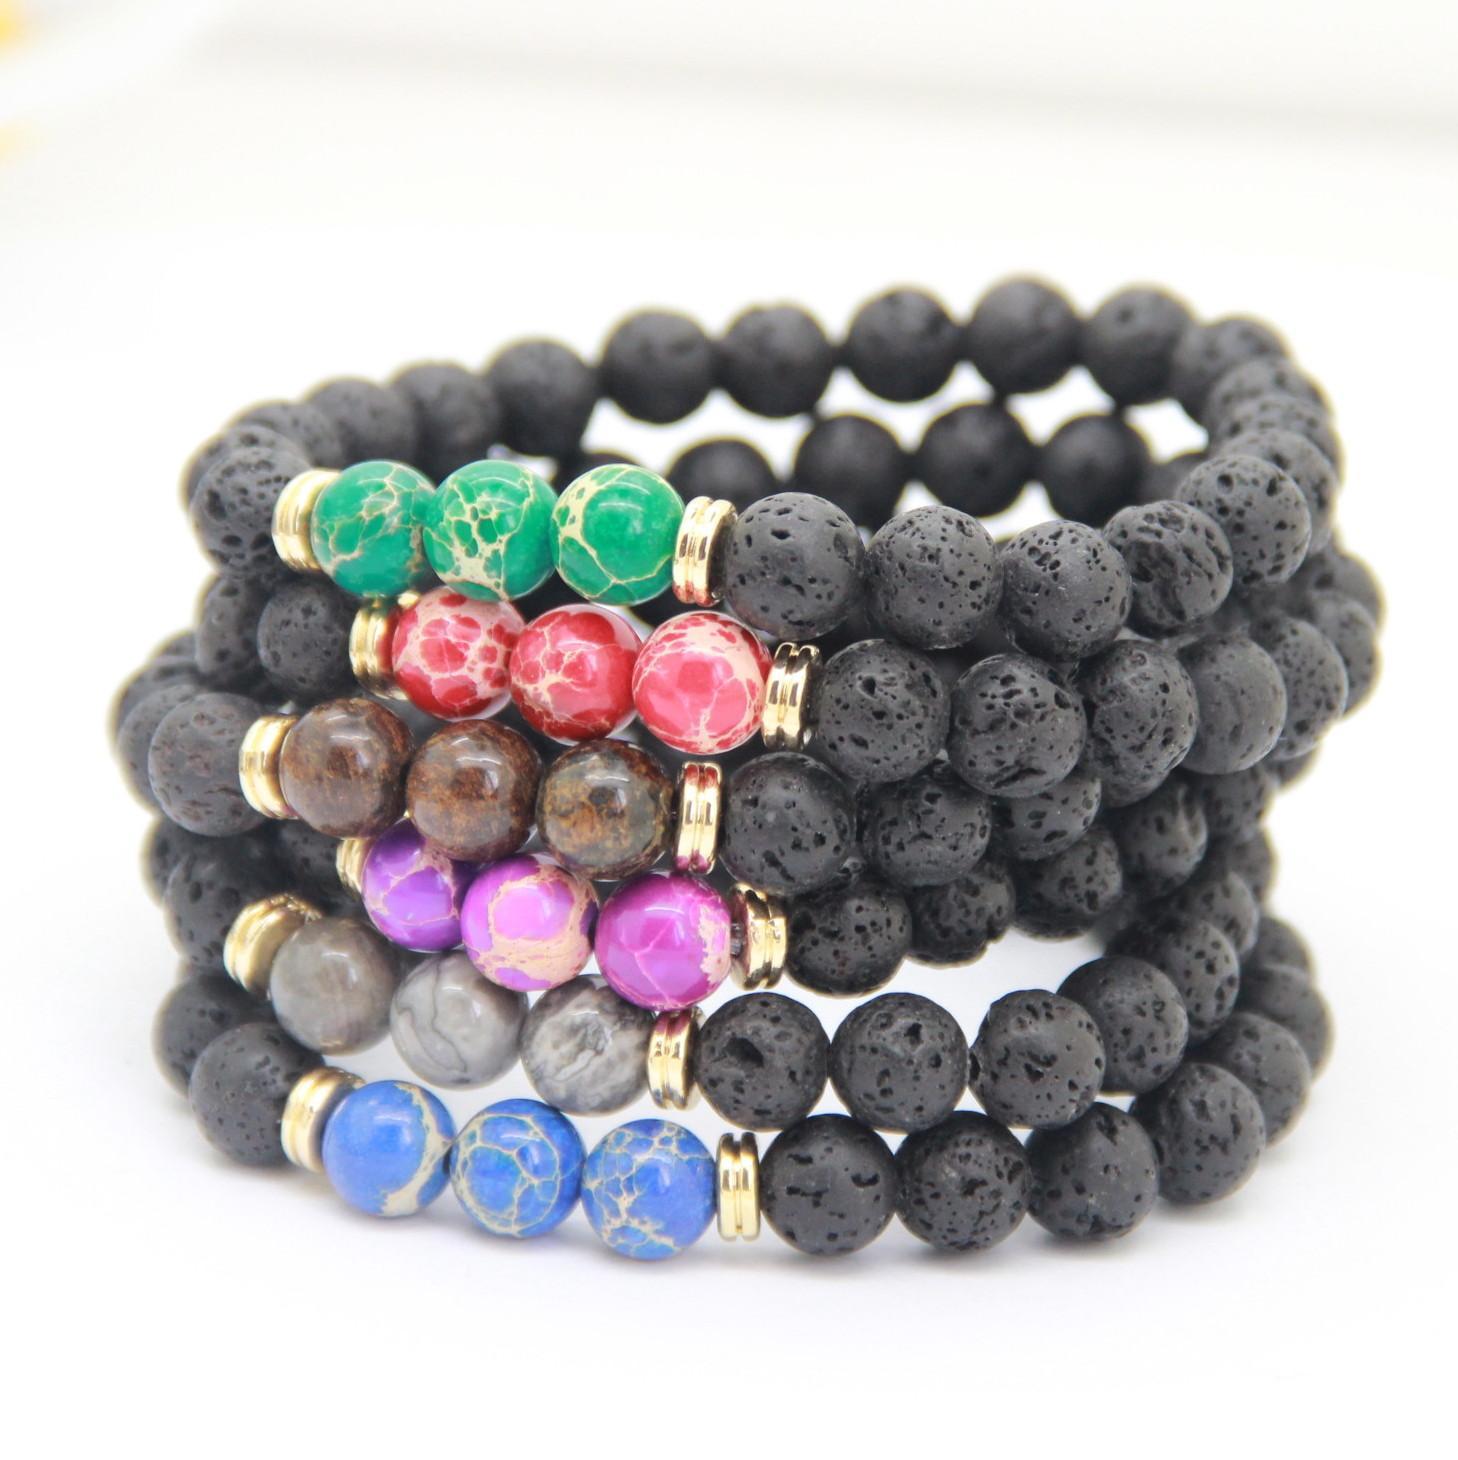 Nouveau couple Bracelet de haute qualité Noir Lava Bijoux Pierre mer Sédiments Imperial Perles femmes stretch Yoga Hommes énergie Bracelets cadeaux